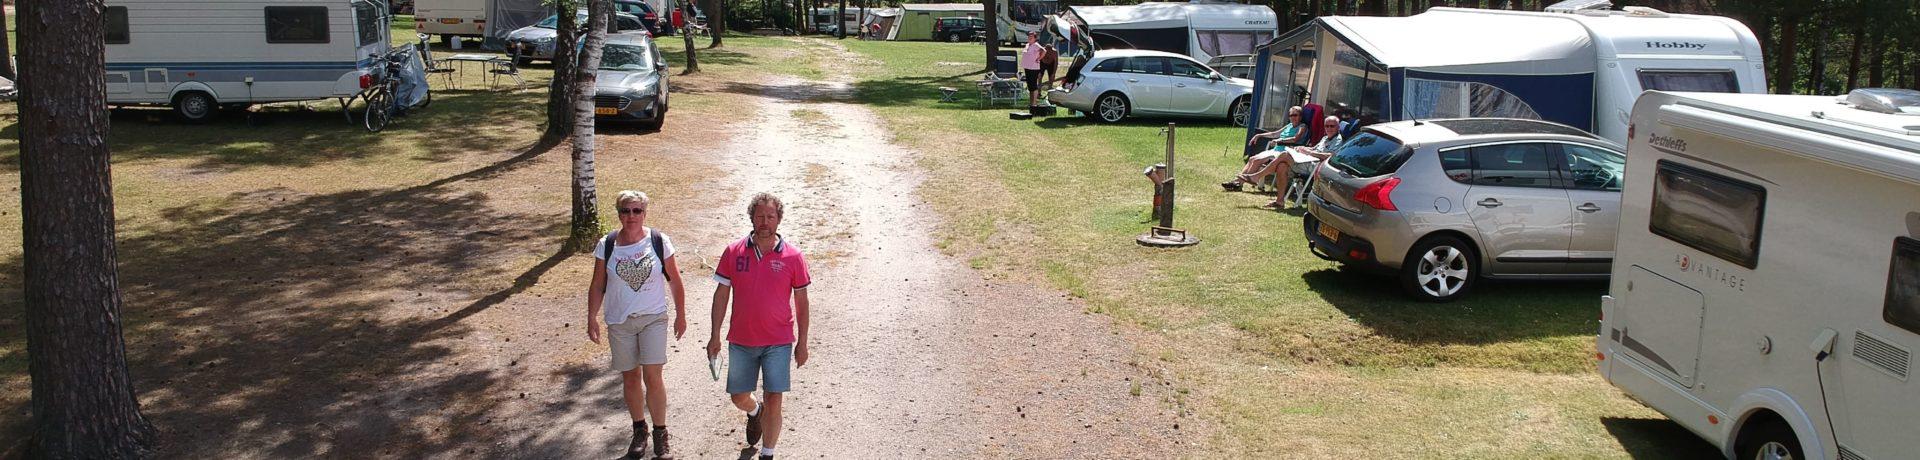 Camping Sonnenberg in Faßberg ist ein Charme Camping in Niedersachsen.Entdecken Sie die Gastfreundschaft, Gemütlichkeit und den Service.